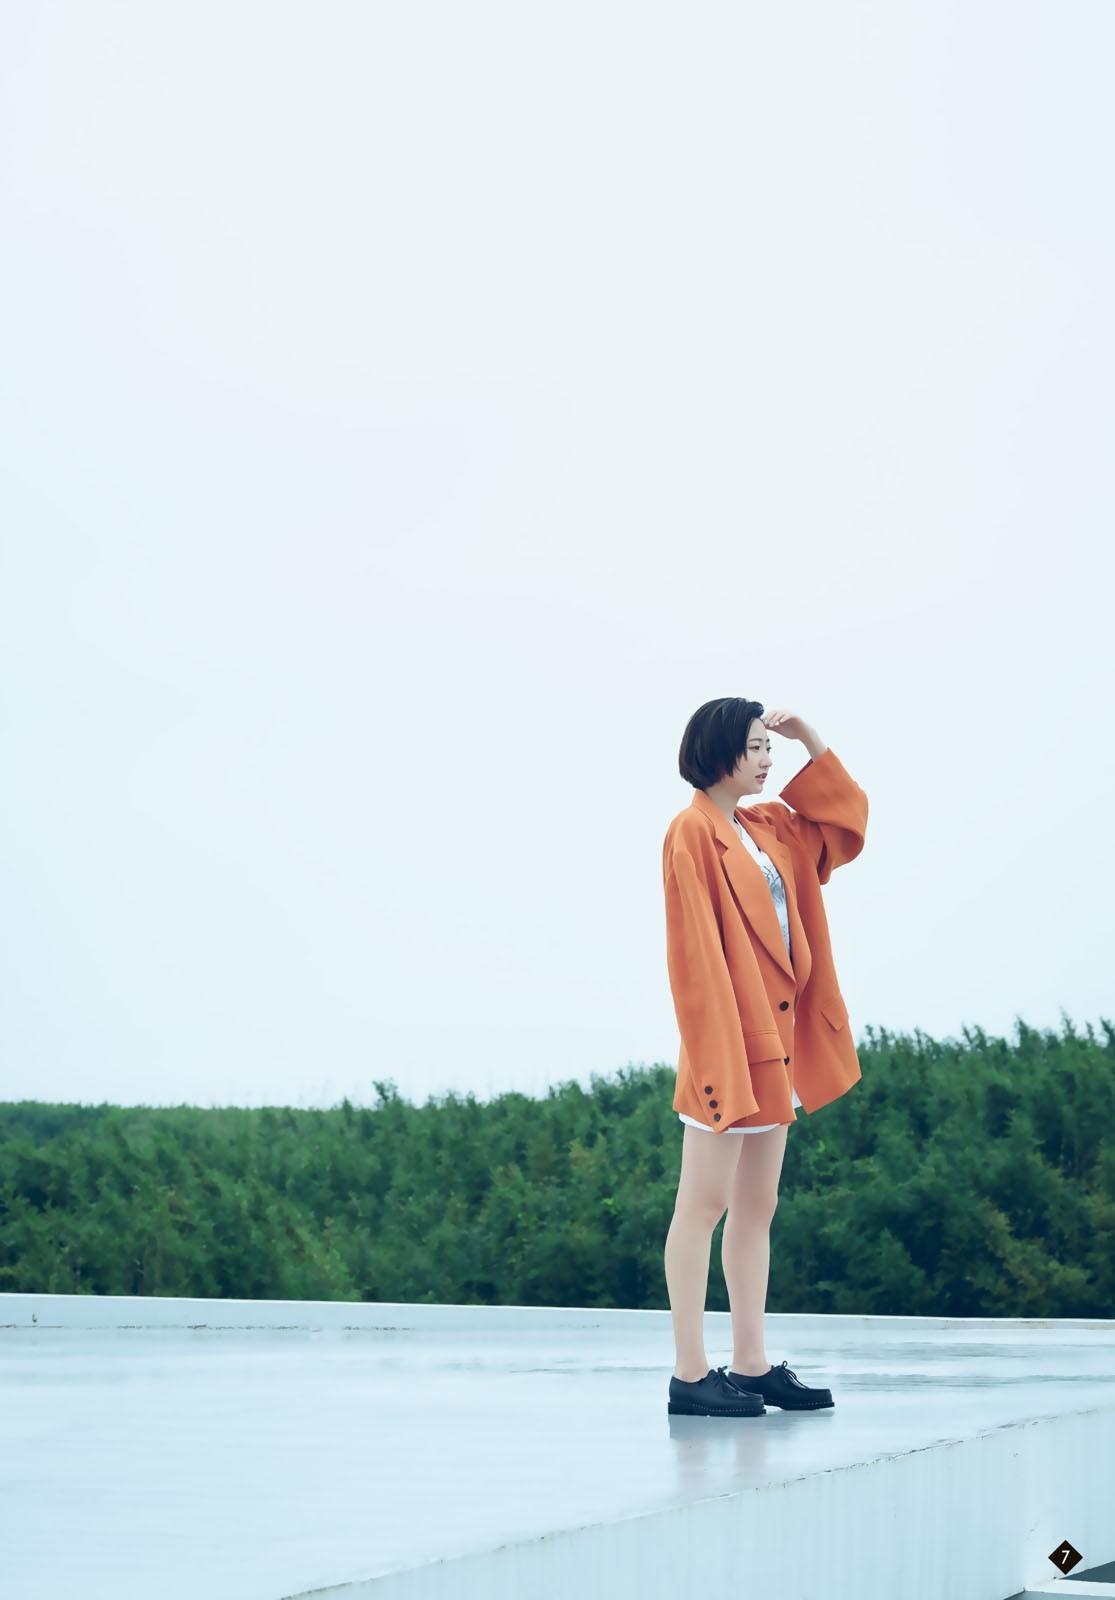 武田玲奈 Young Jump